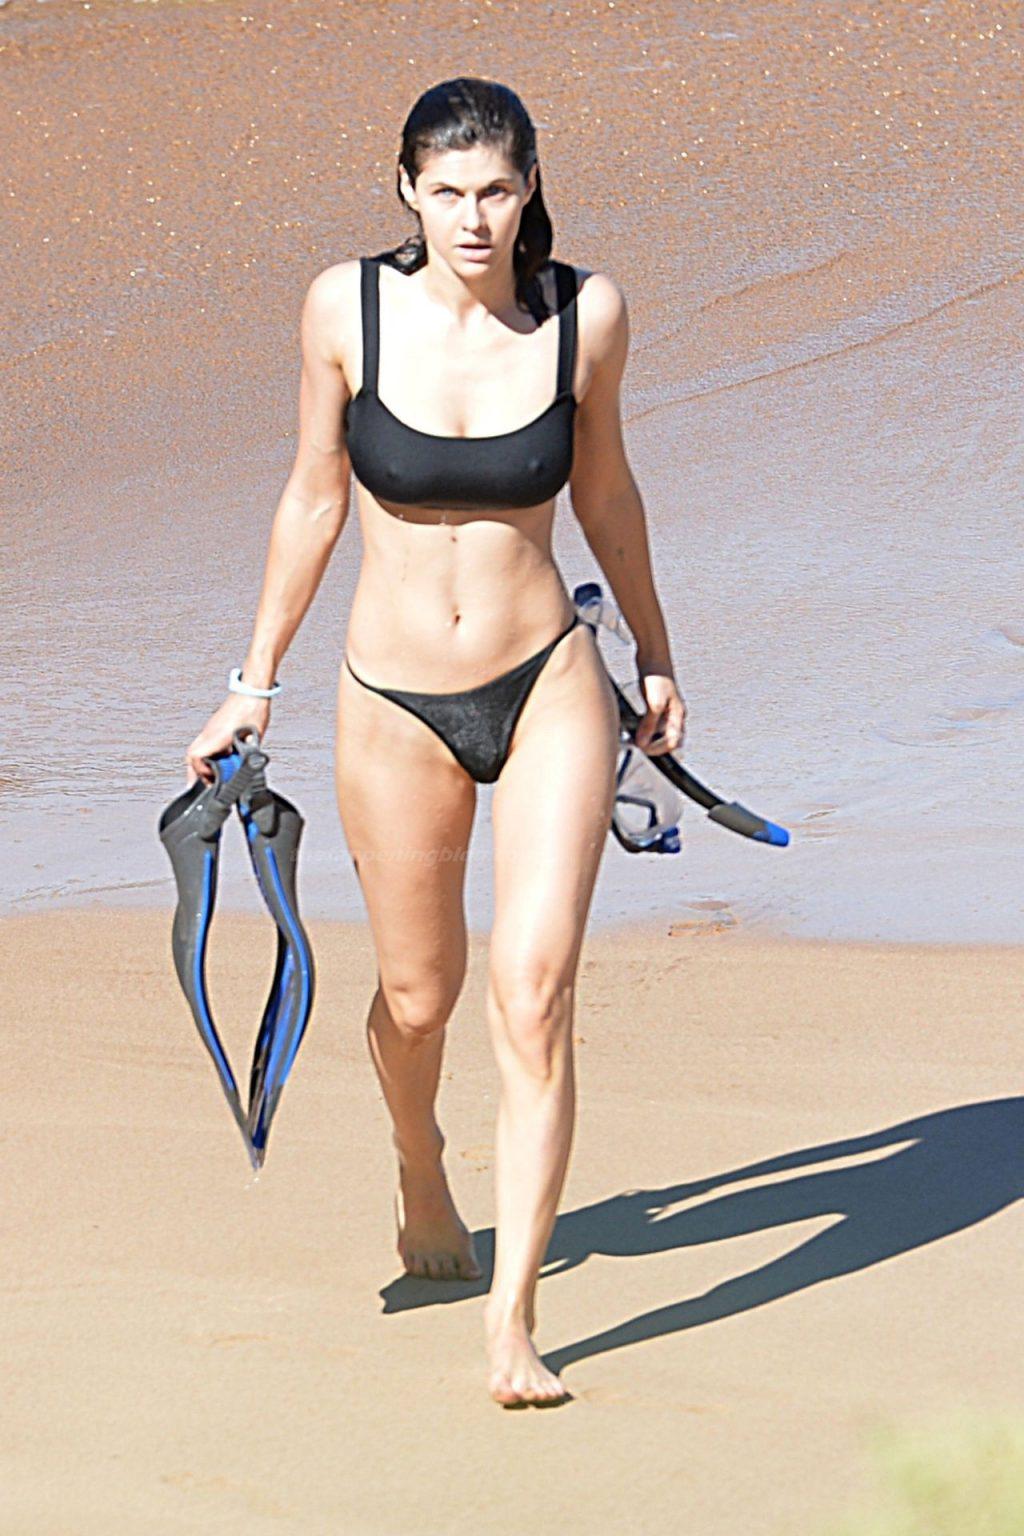 Alexandra Daddario Stuns in a Black Bikini Snorkeling in Hawaii (12 Photos)